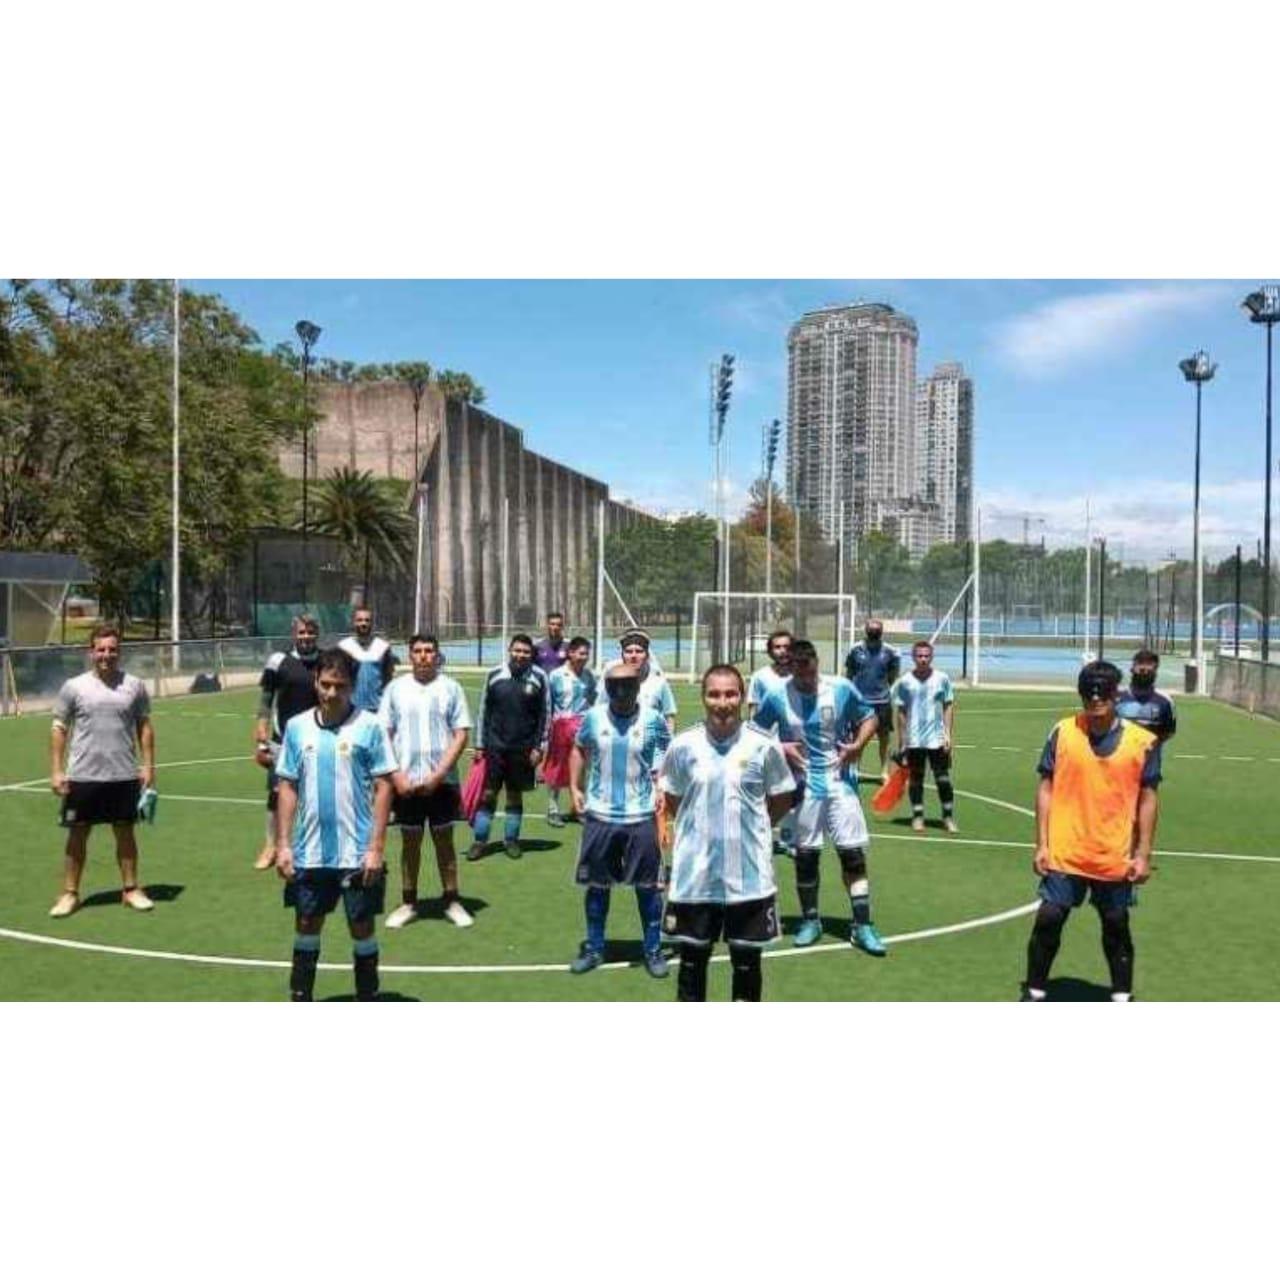 Fútbol para ciegos: Los Murciélagos comienzan los entrenamientos y piensan en Tokio